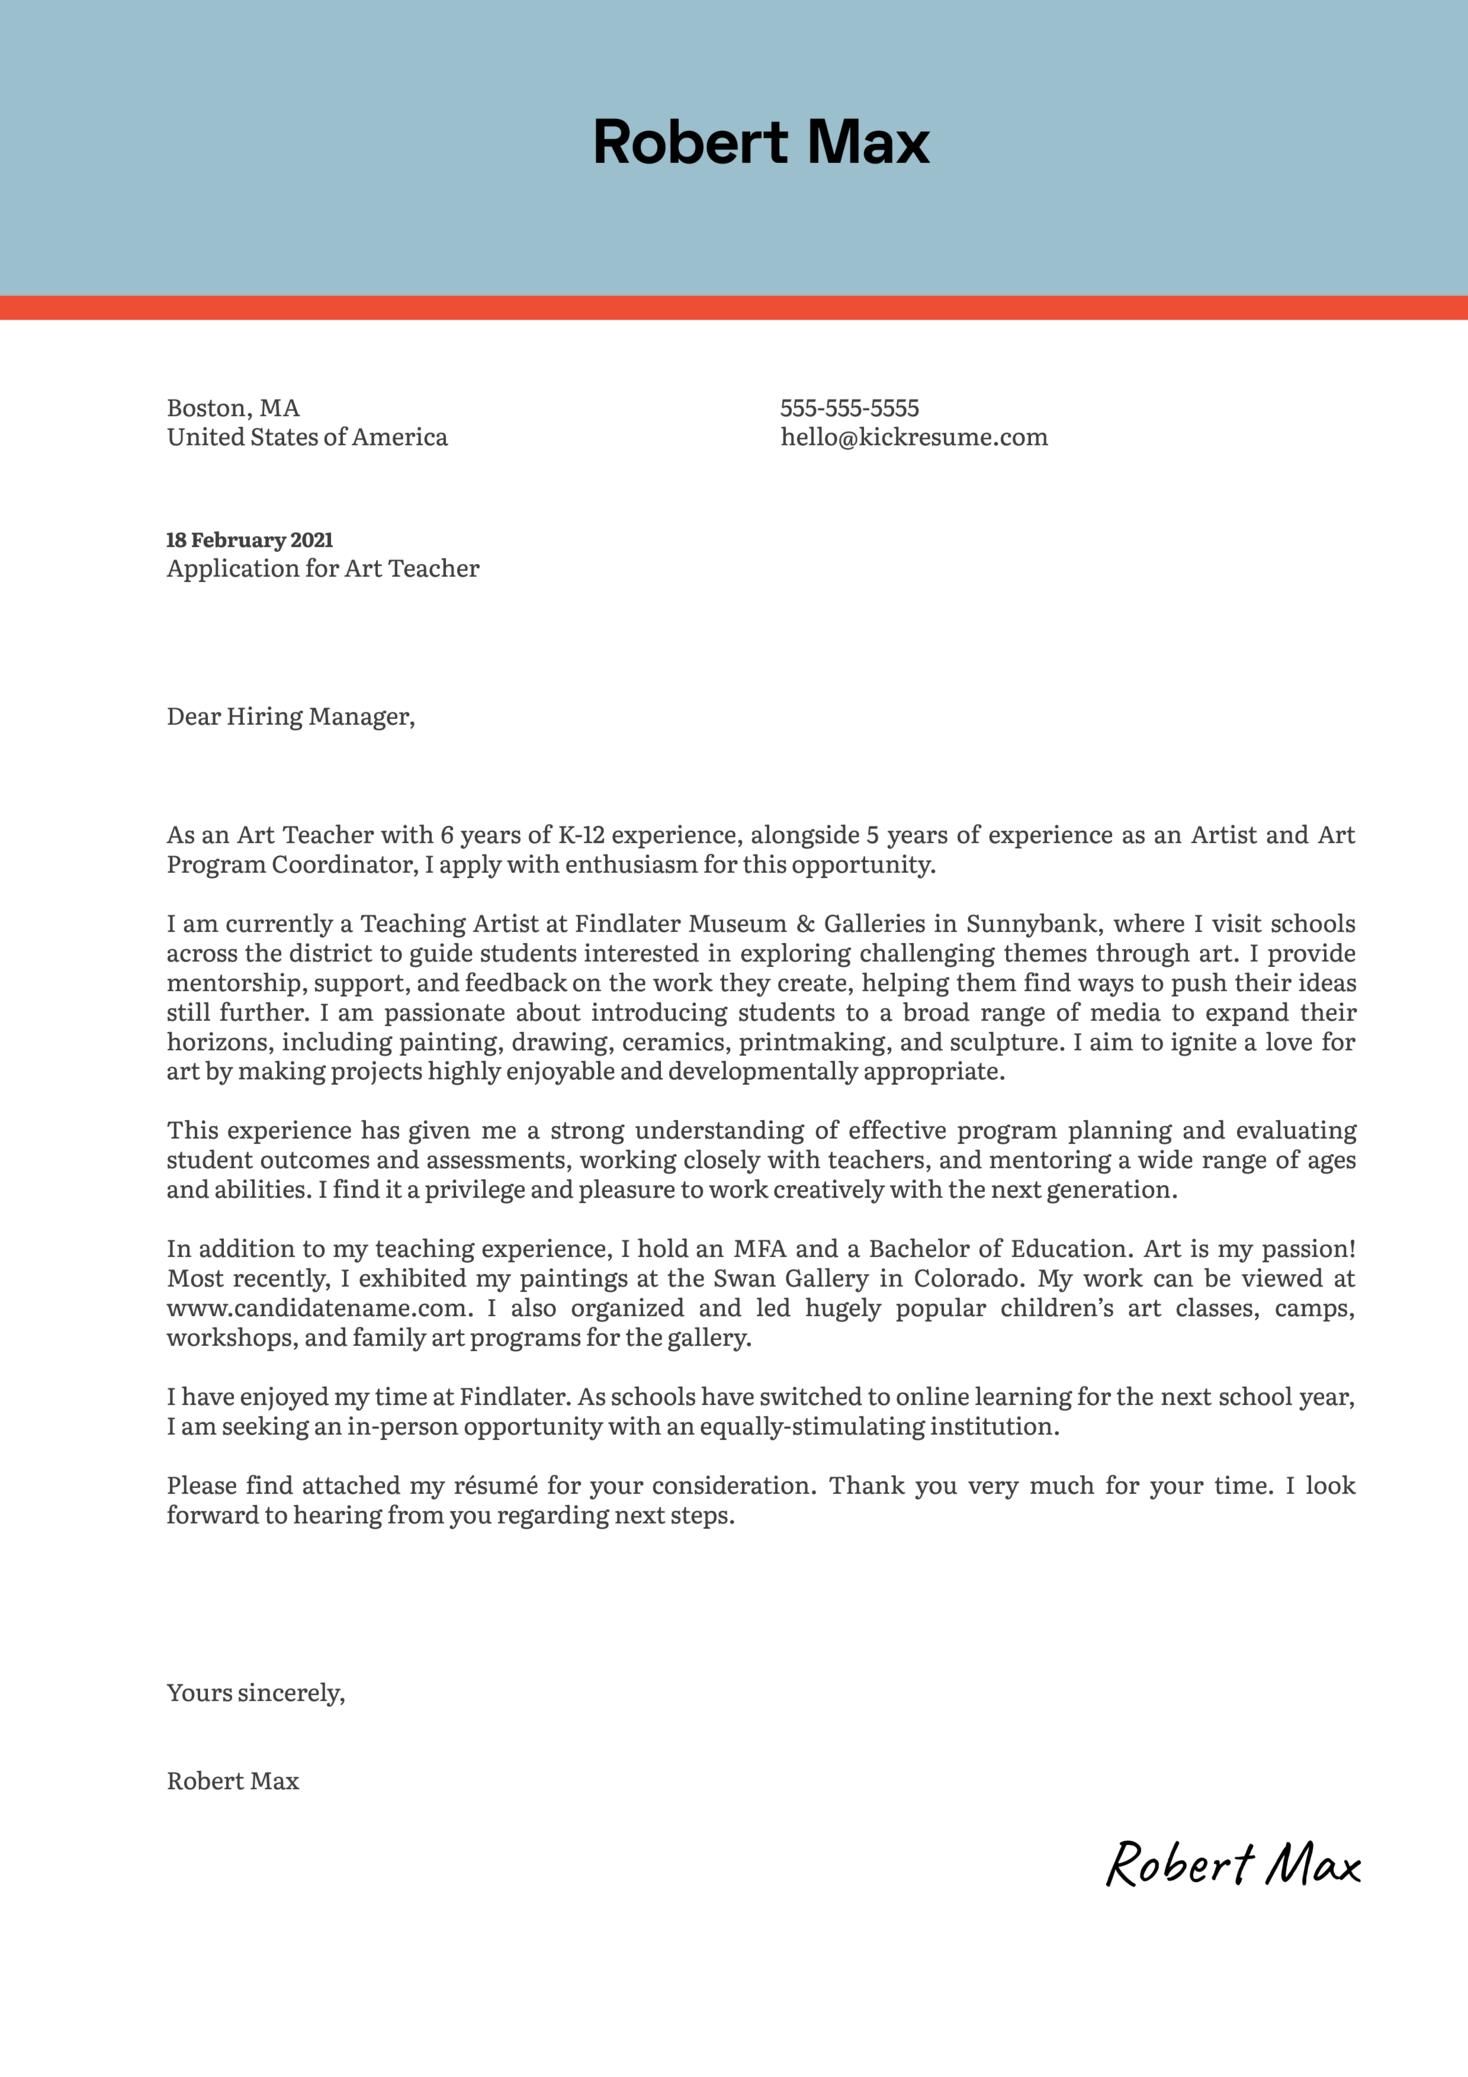 Art Teacher Cover Letter Example